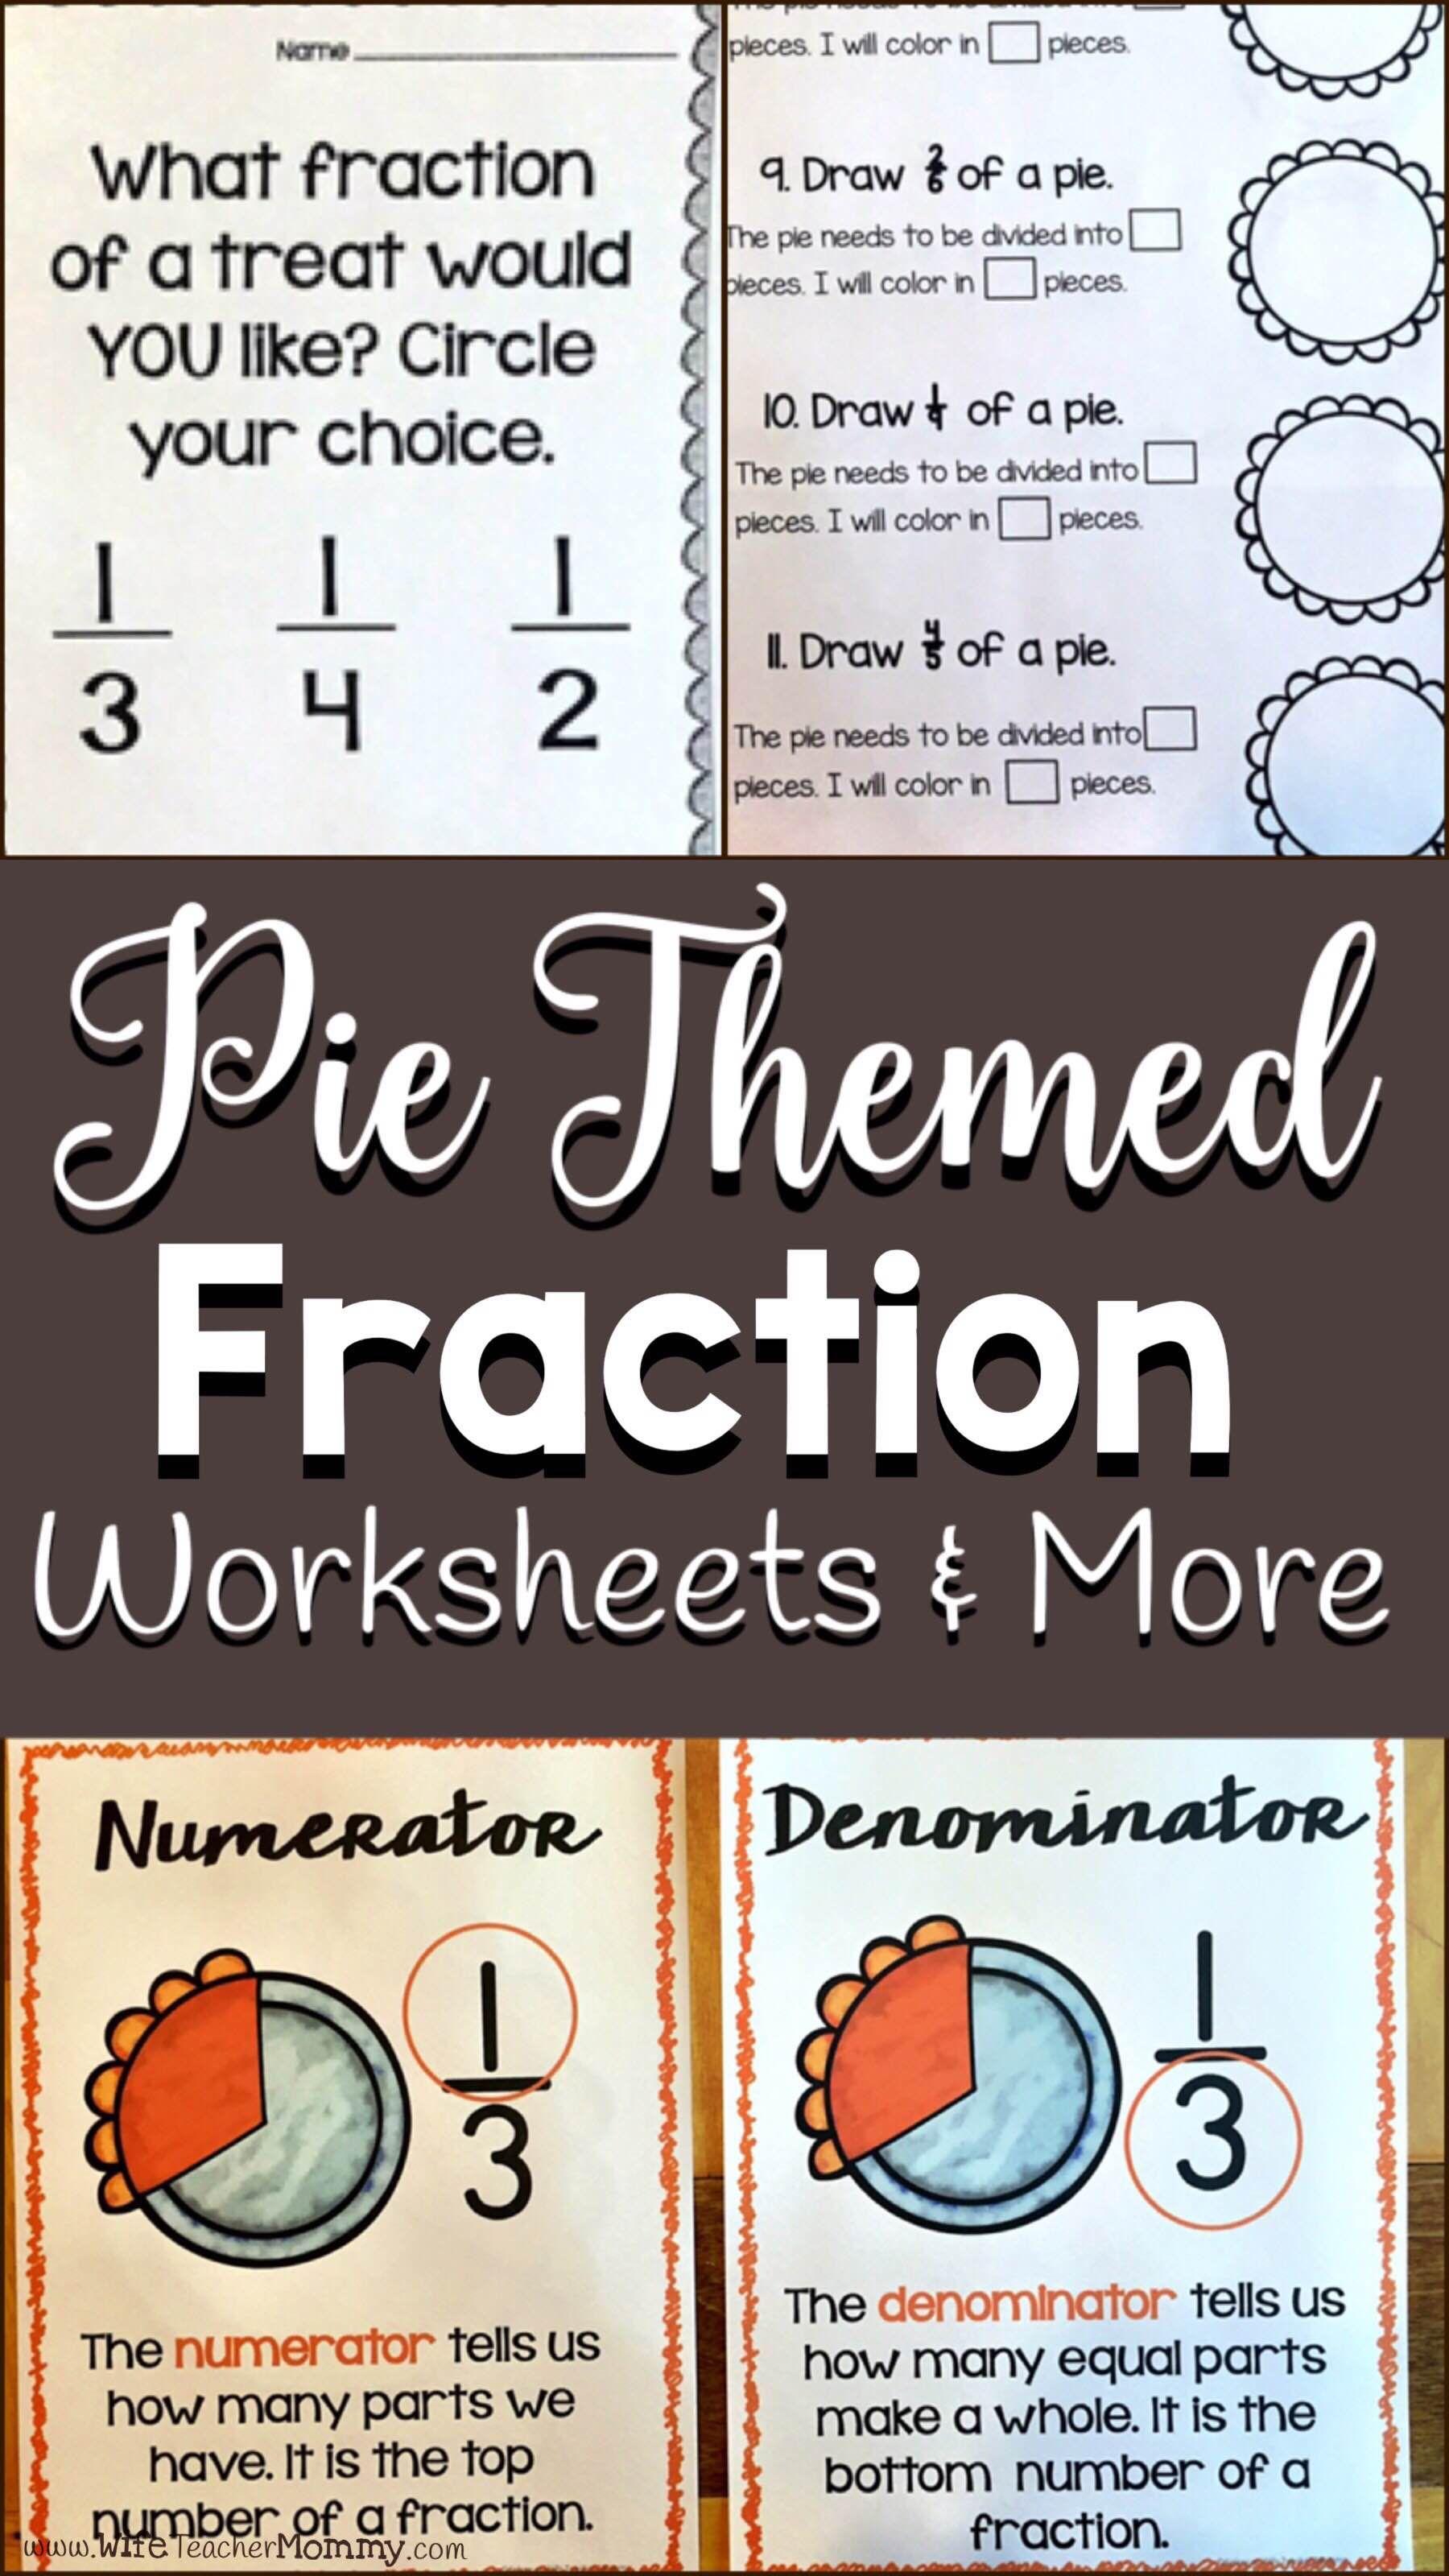 worksheet Pi Worksheets pi day fractions worksheets teacher and students worksheets